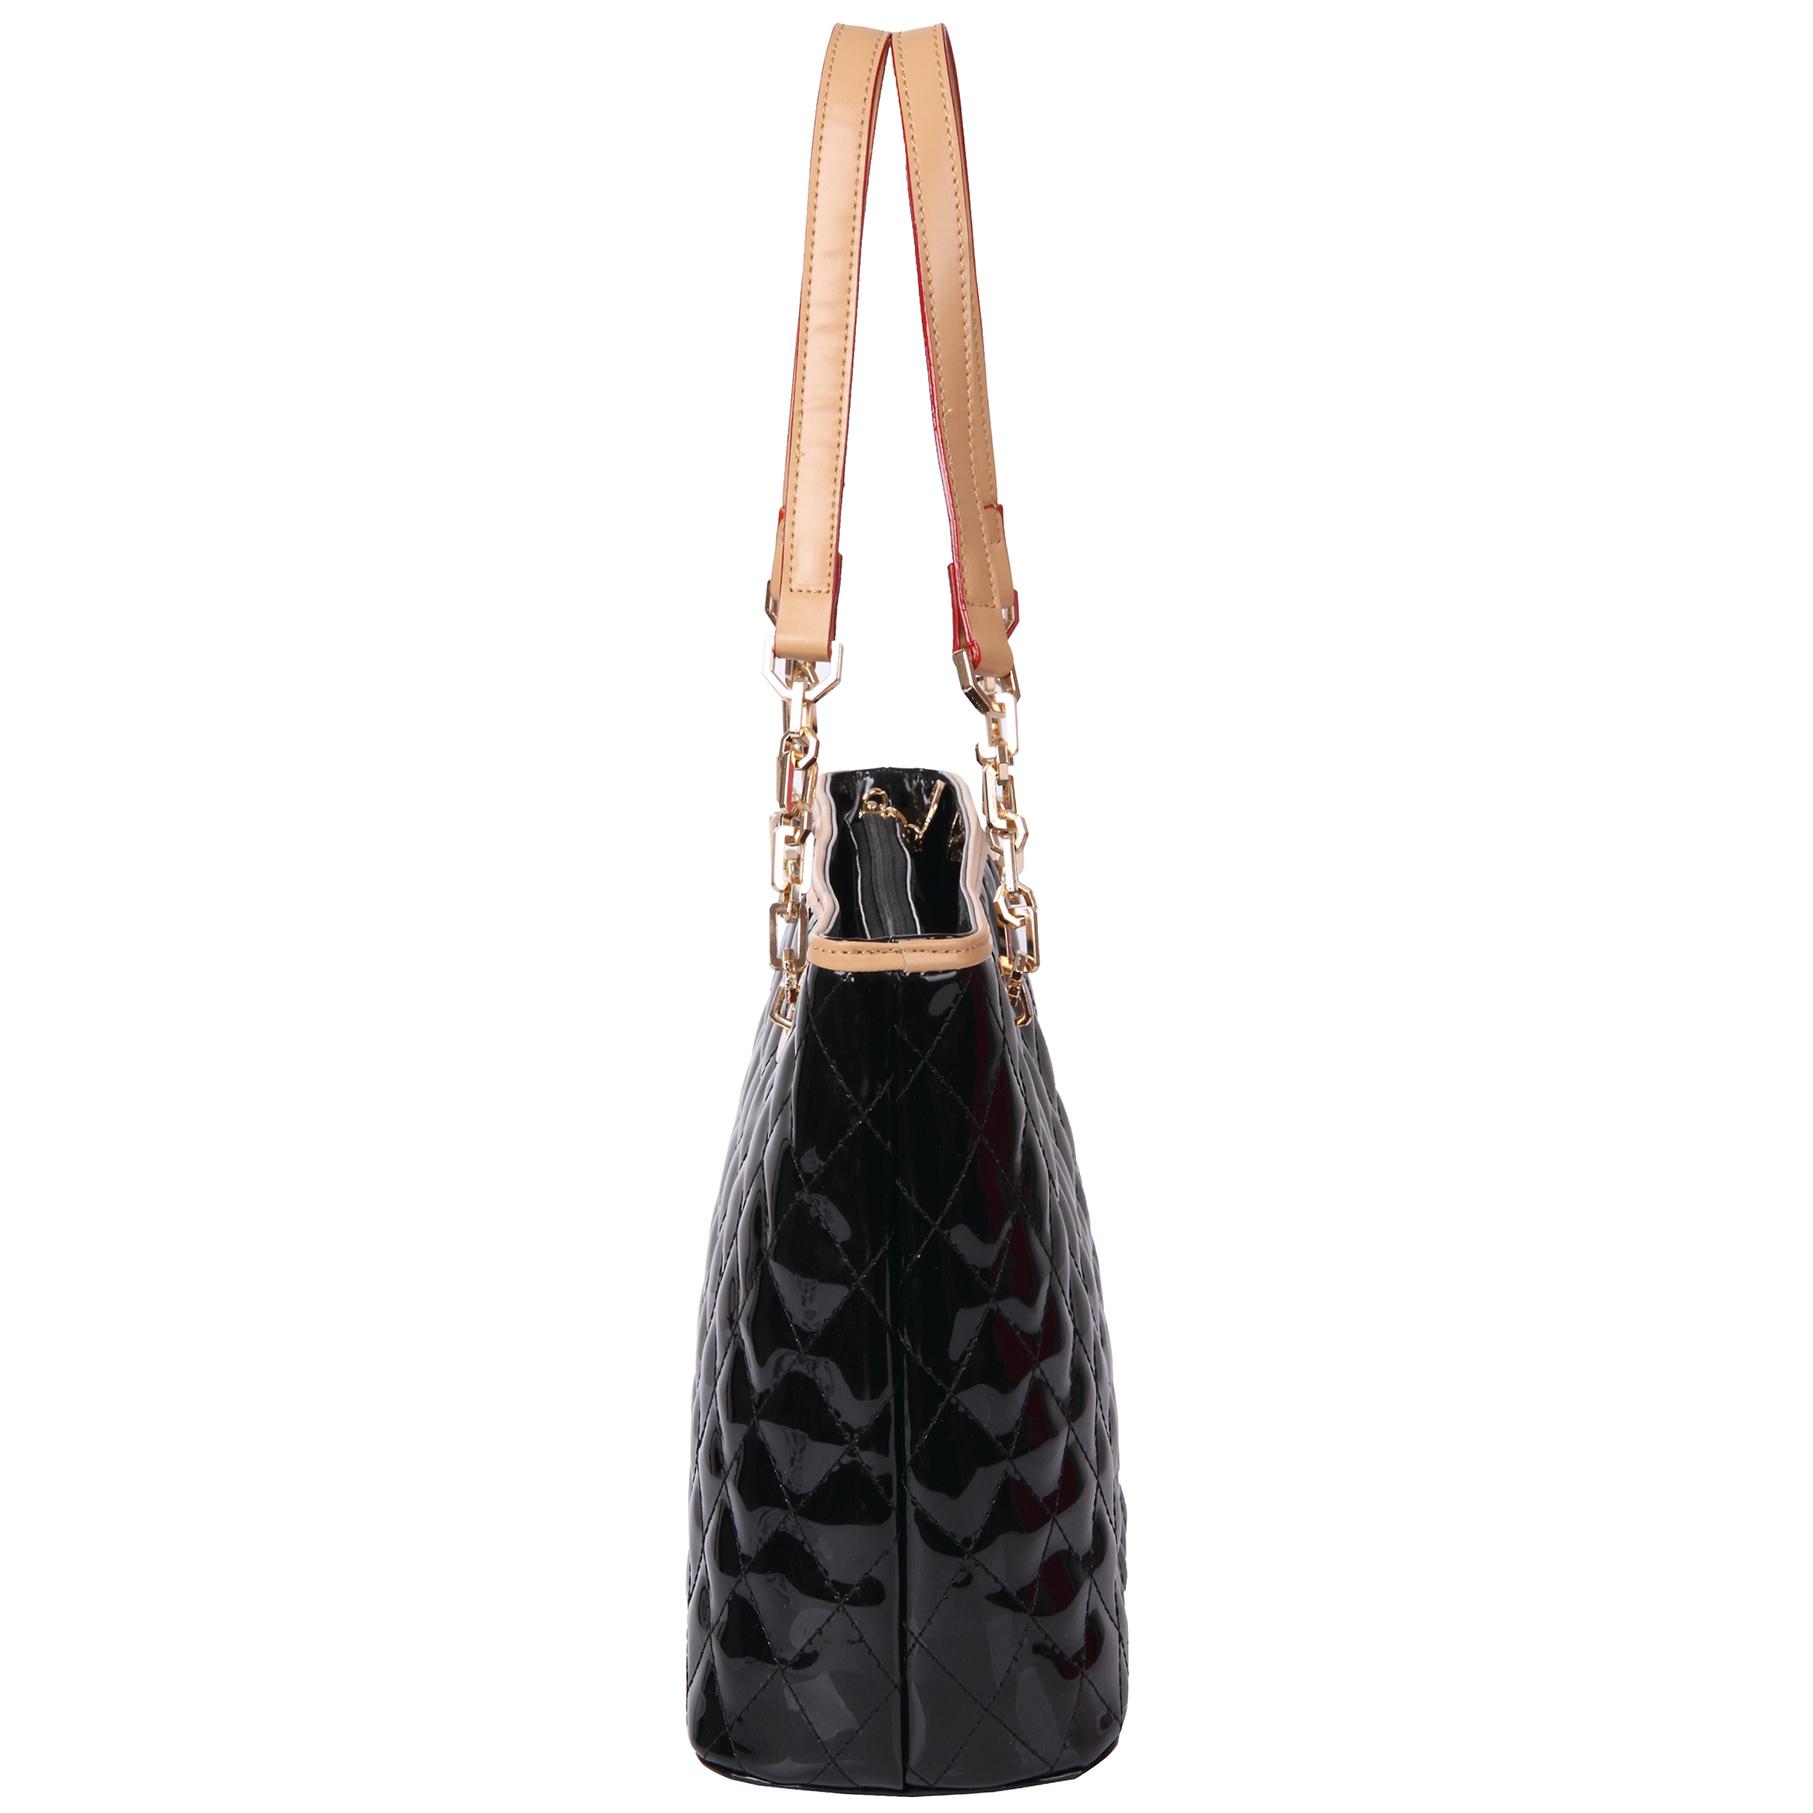 leryn black quilted patent leather designer shoulder bag tote side image